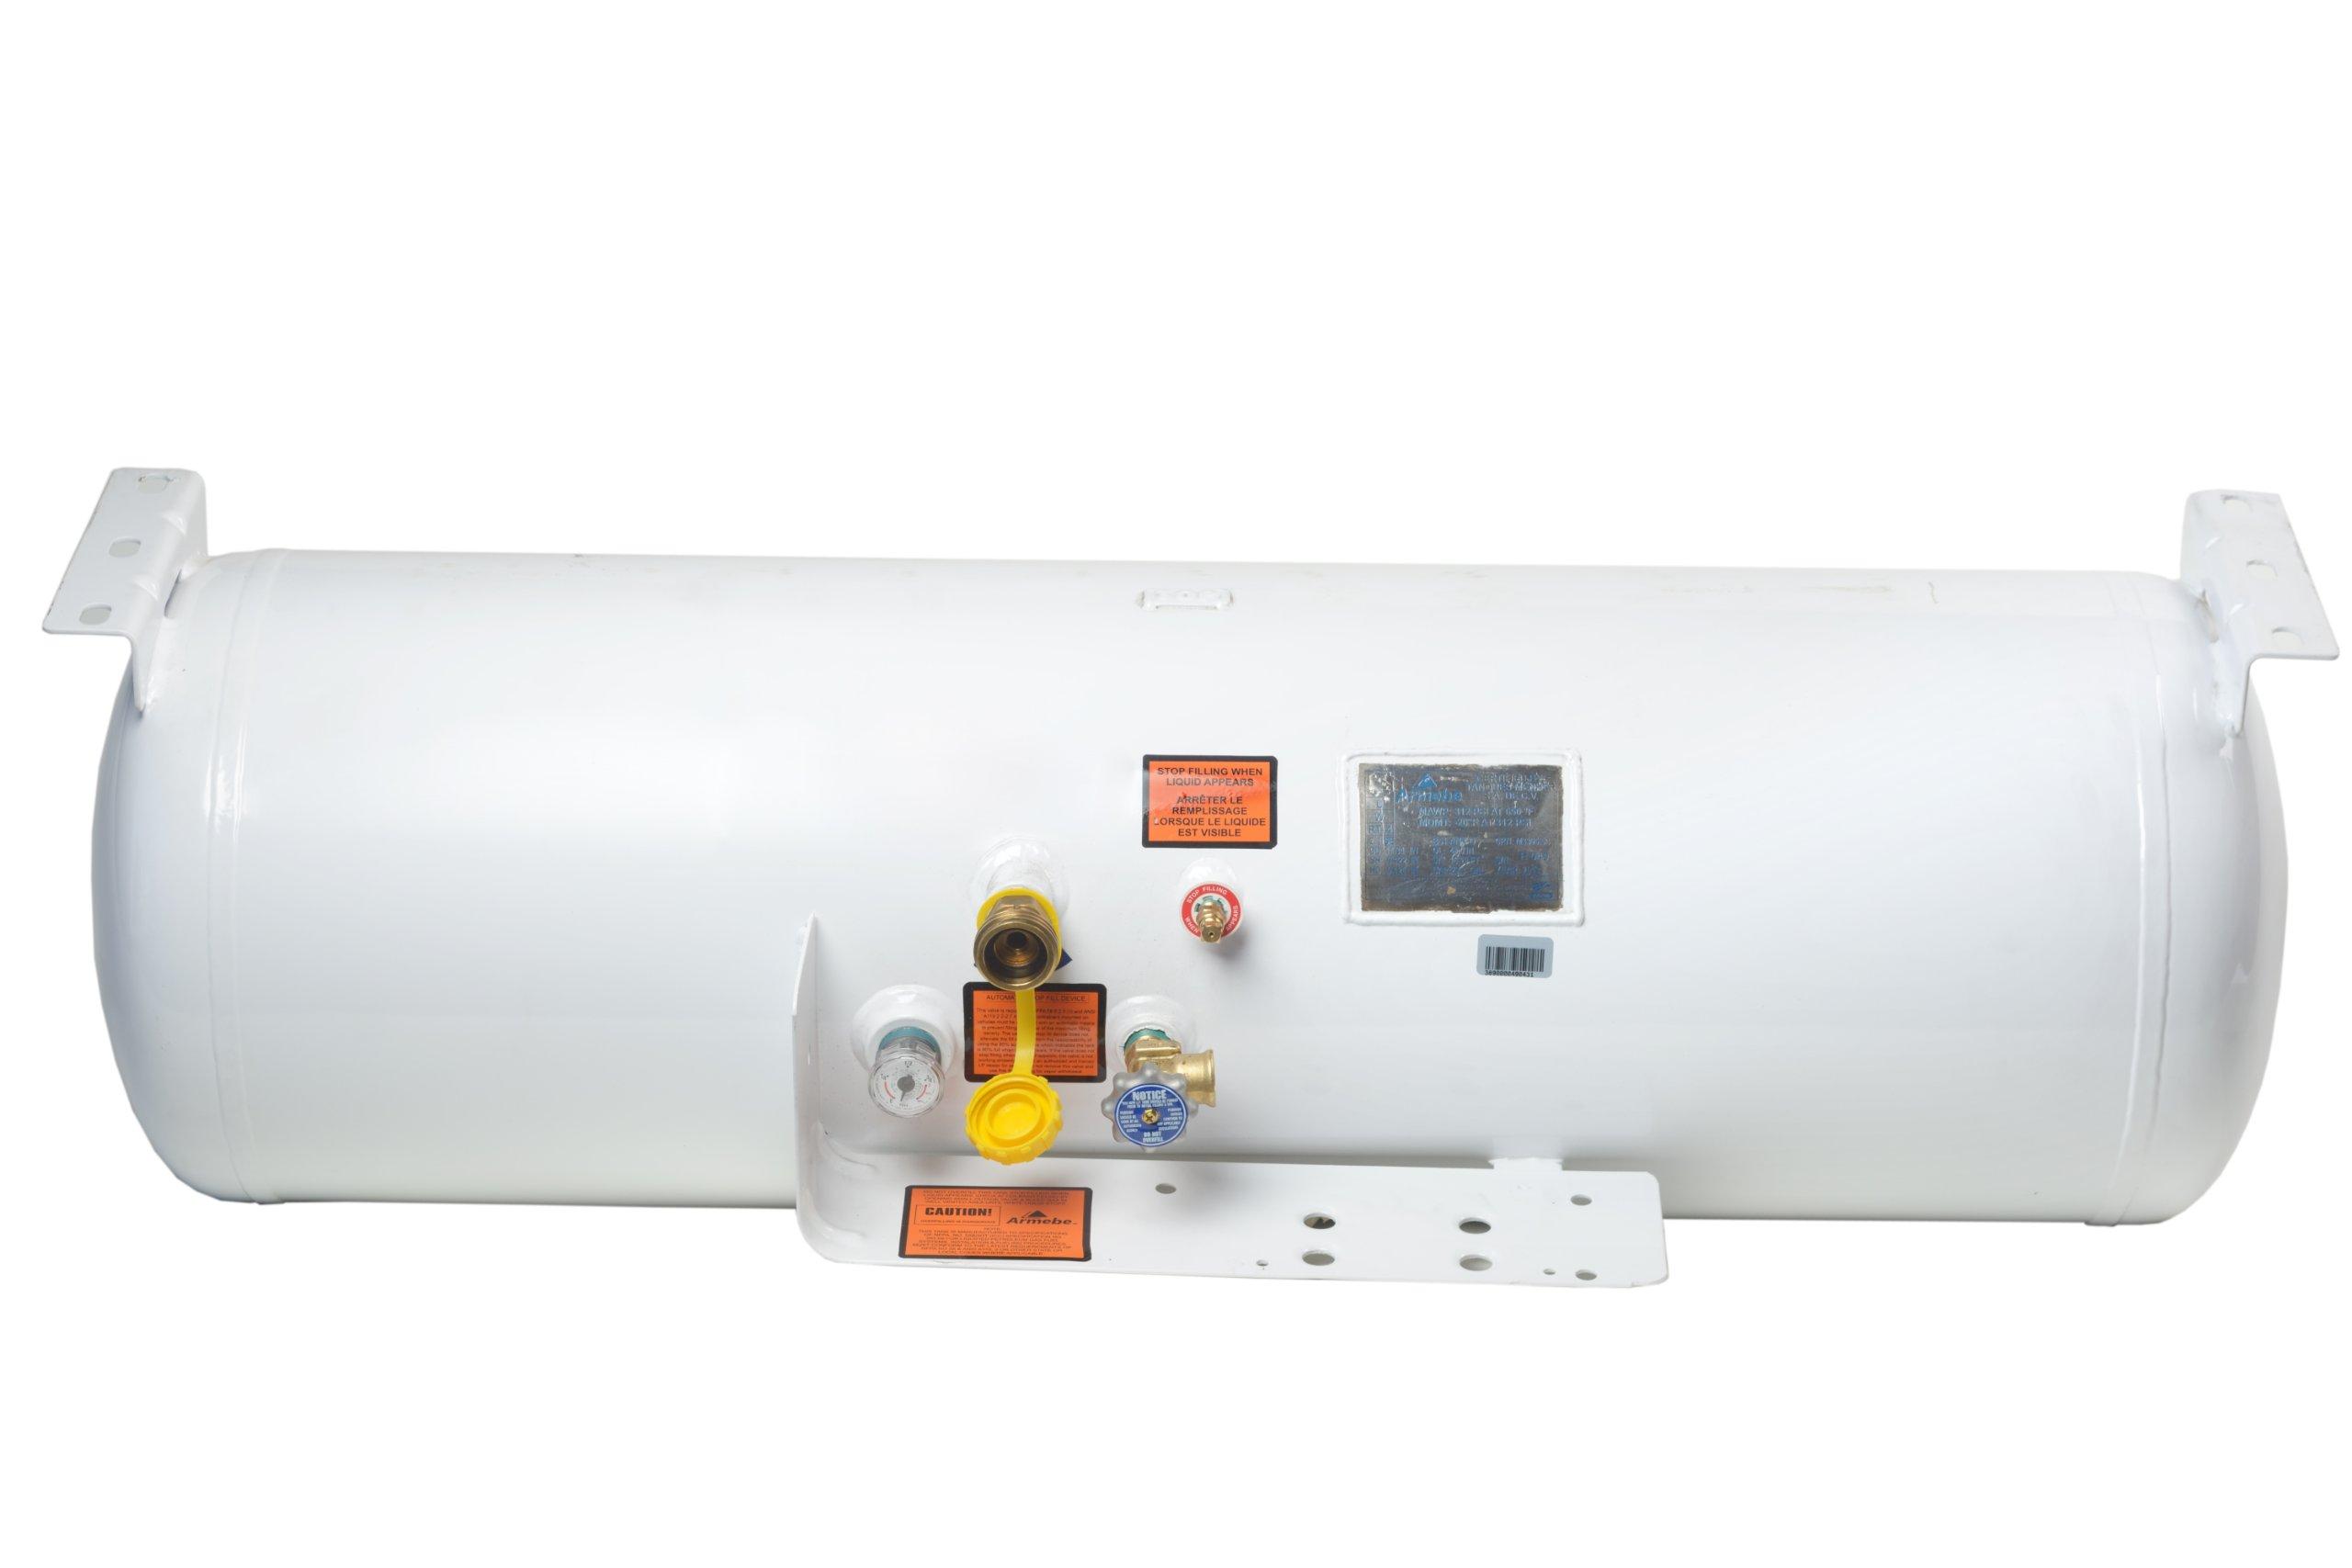 Flame King YSN293 Horizontal ASME Tank, 29.3-Gallon